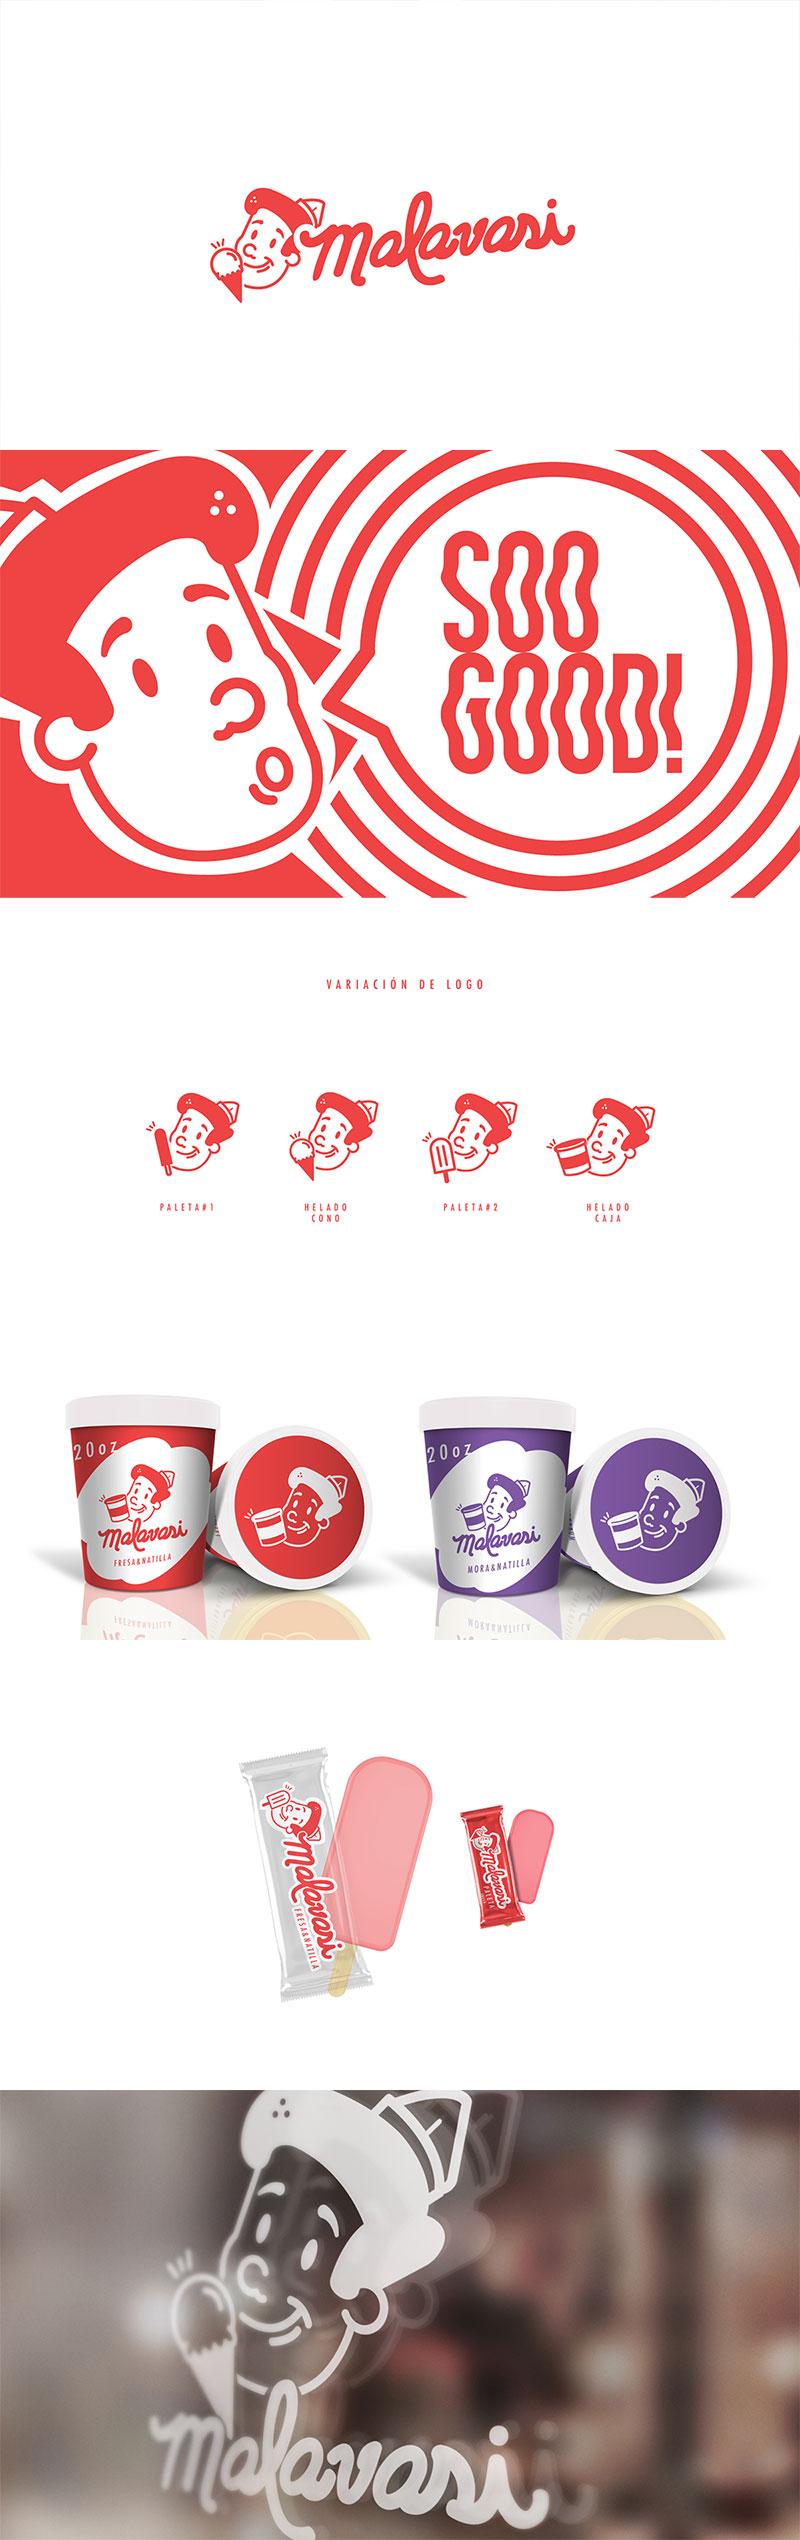 Ice Cream Packaging - Malvasi ice cream